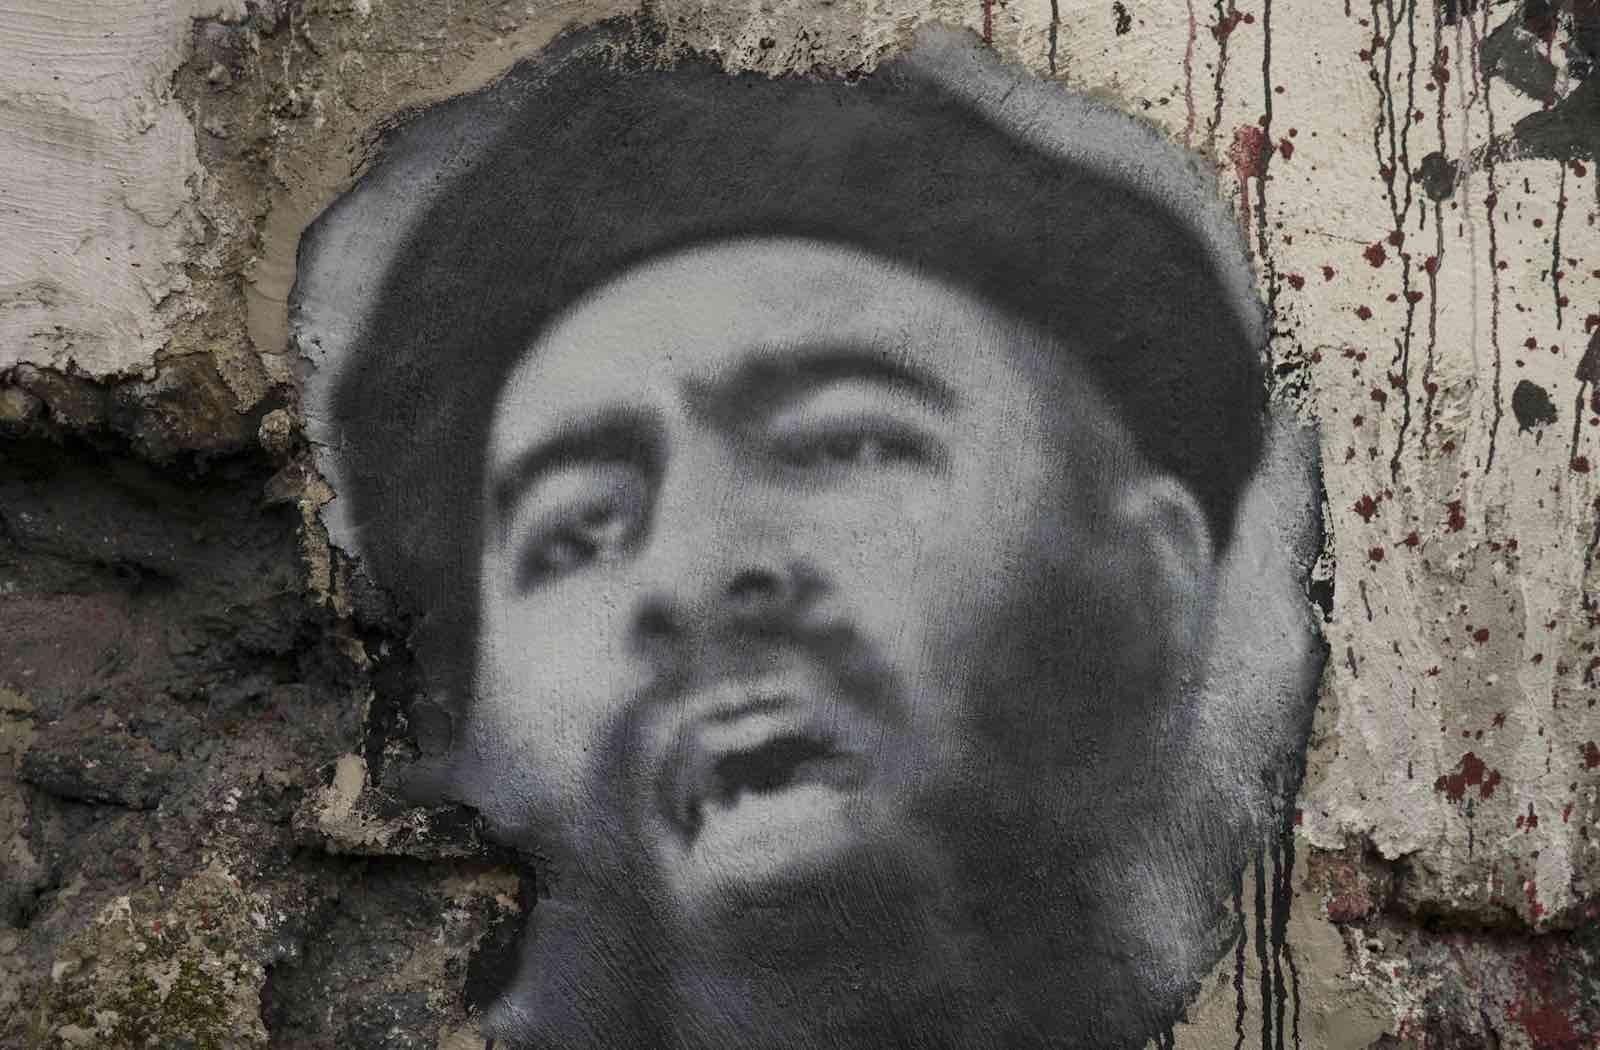 Portrait of Abu Bakr al-Baghdadi (Photo:Thierry Ehrmann/Flickr)